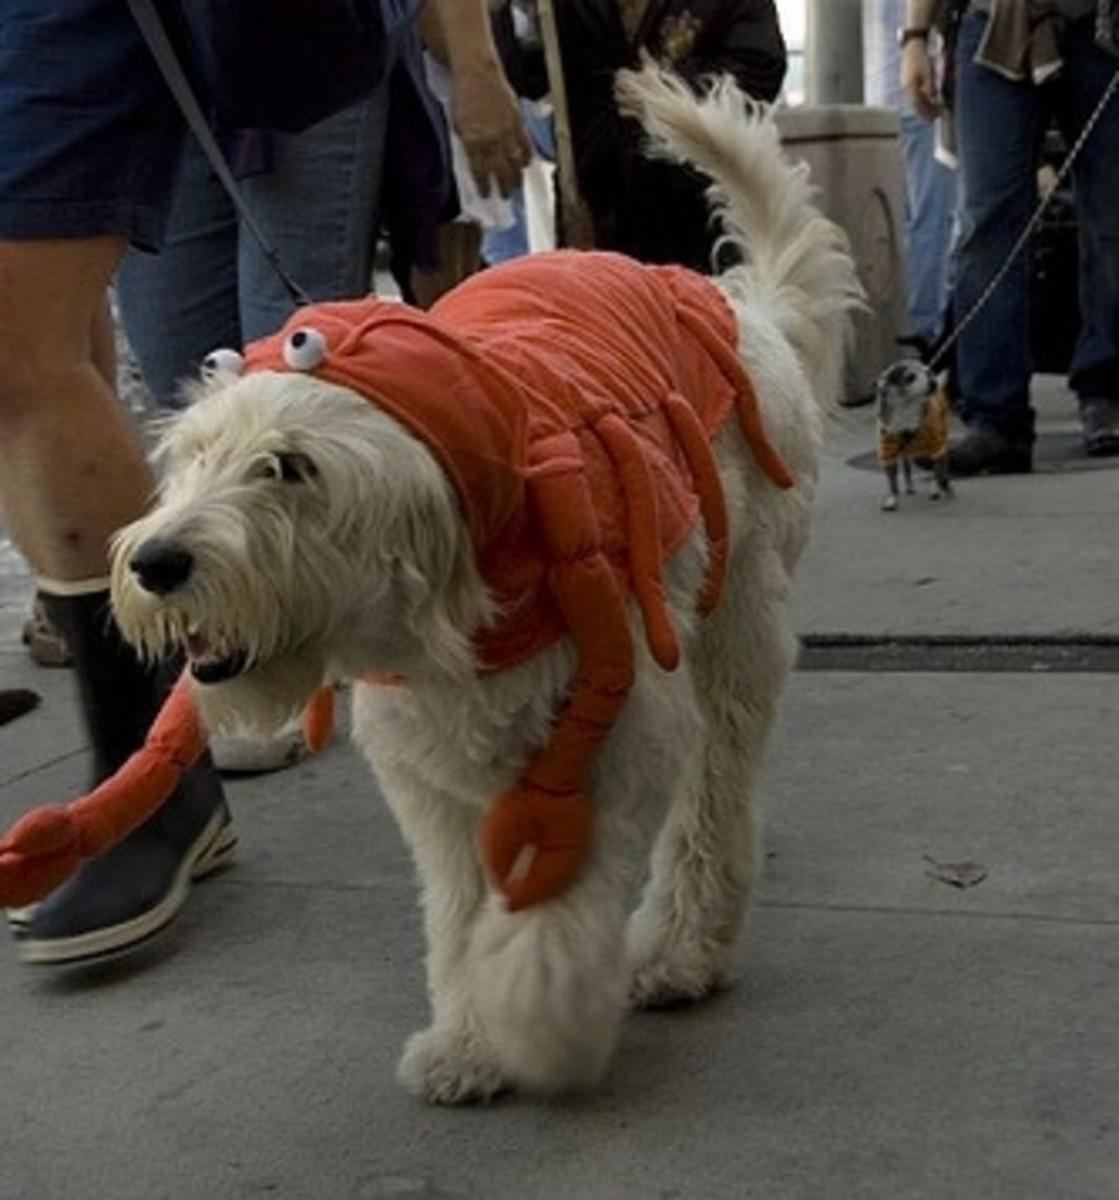 Lobster costume for dog